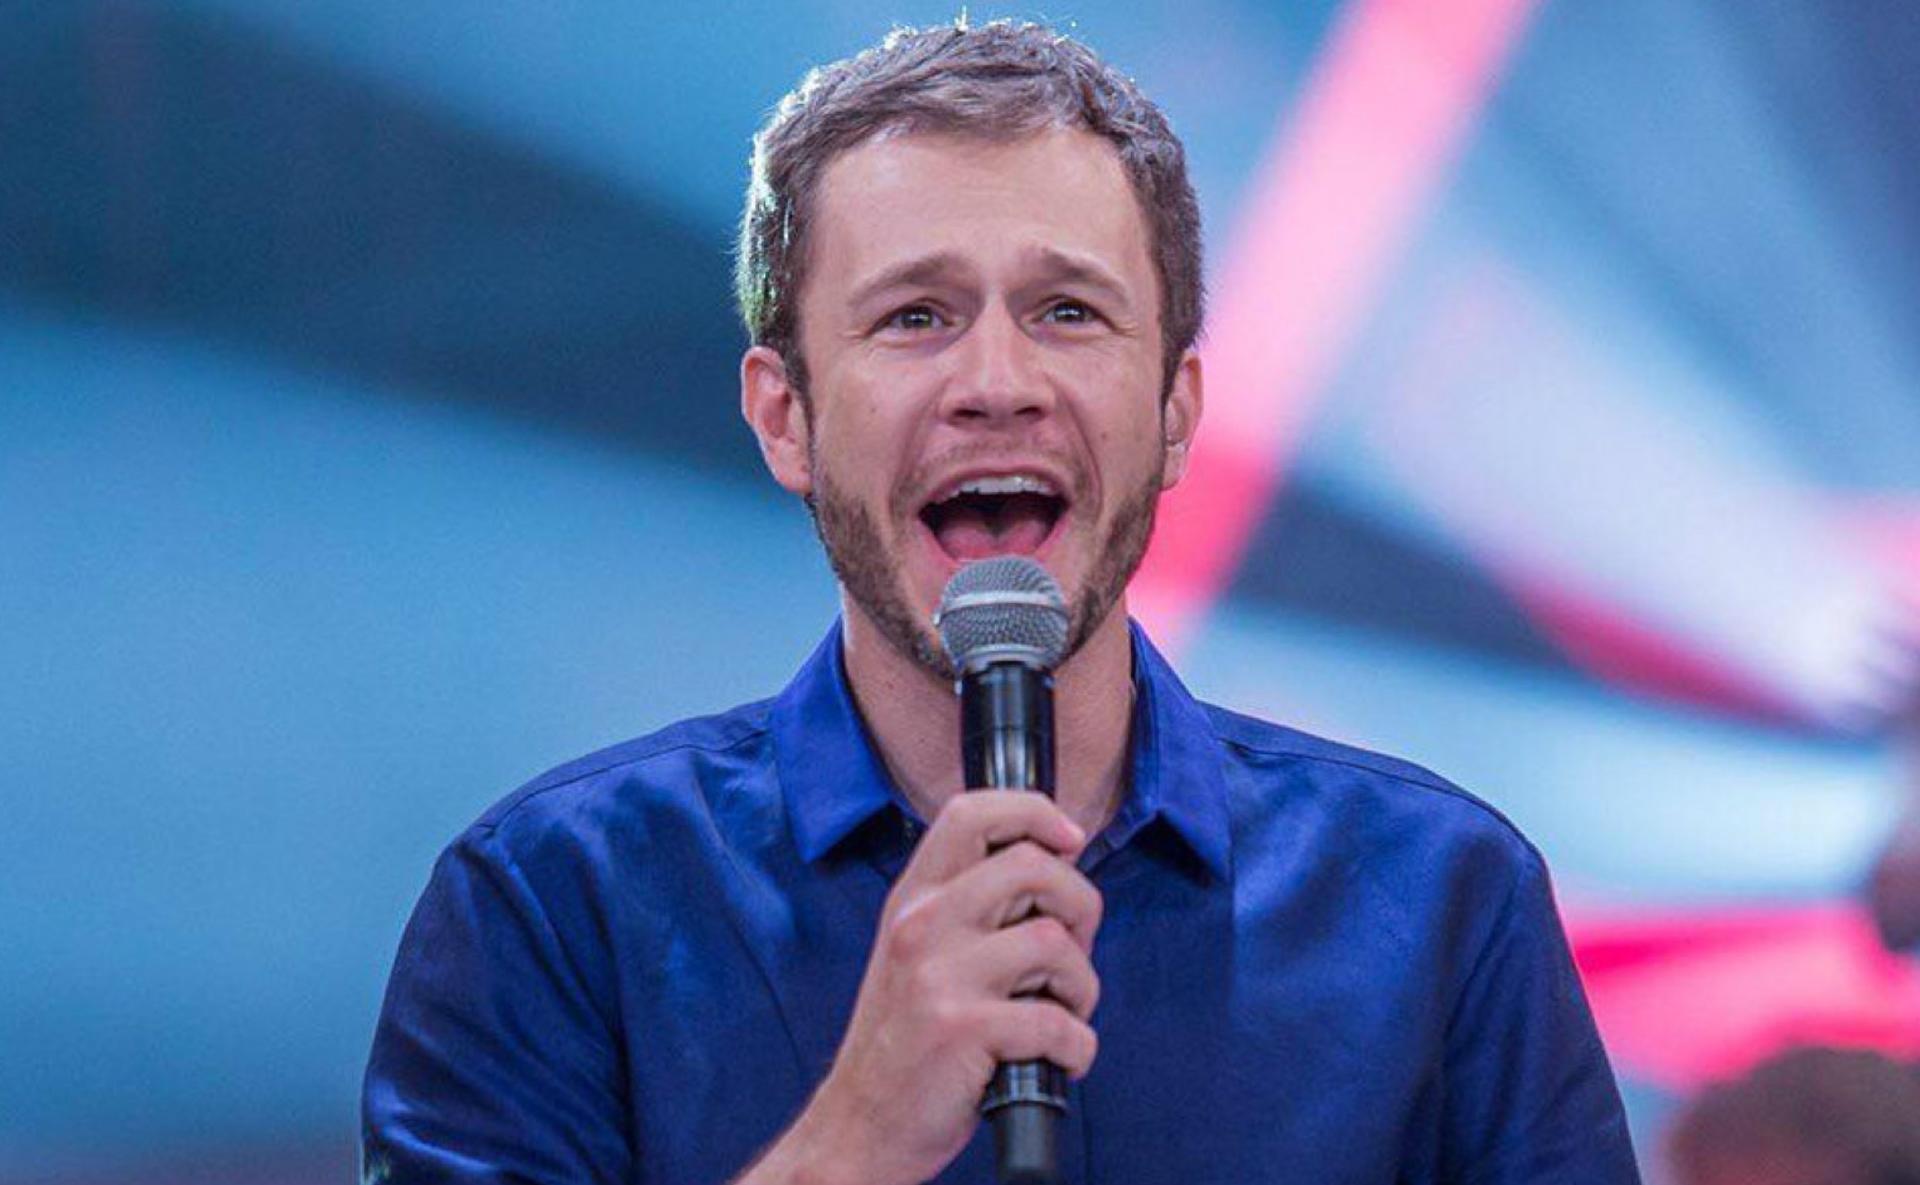 Tiago Leifert sobre nascimento da filha: 'Vou largar o estúdio correndo' -  18/10/2020 - UOL TV e Famosos